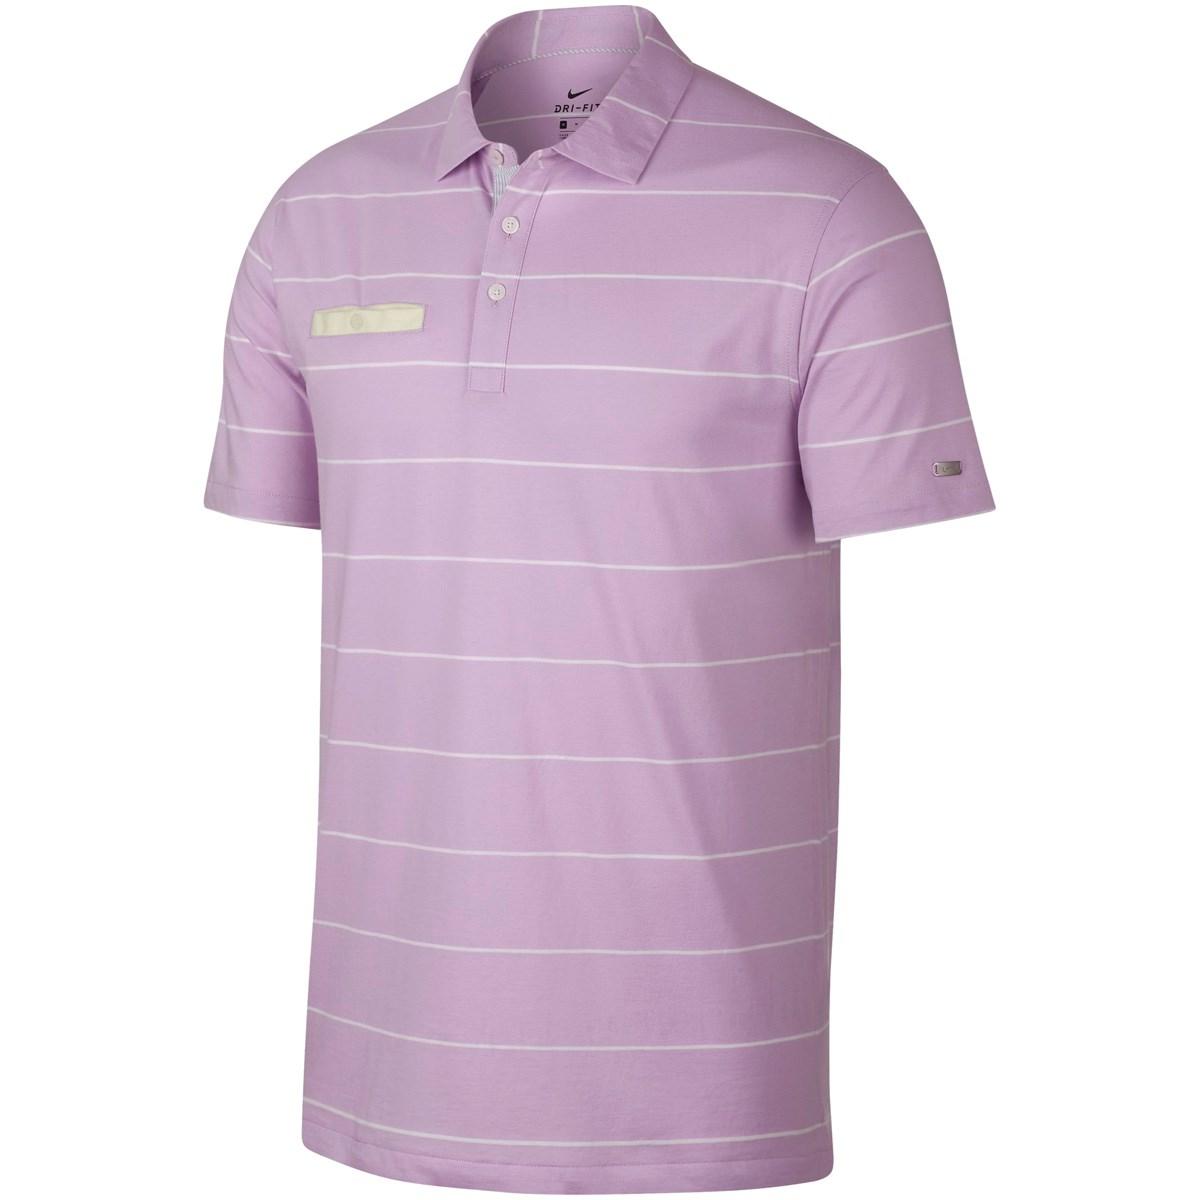 ec6e3529031c ナイキ(nike) メンズポロシャツ | 通販・人気ランキング - 価格.com